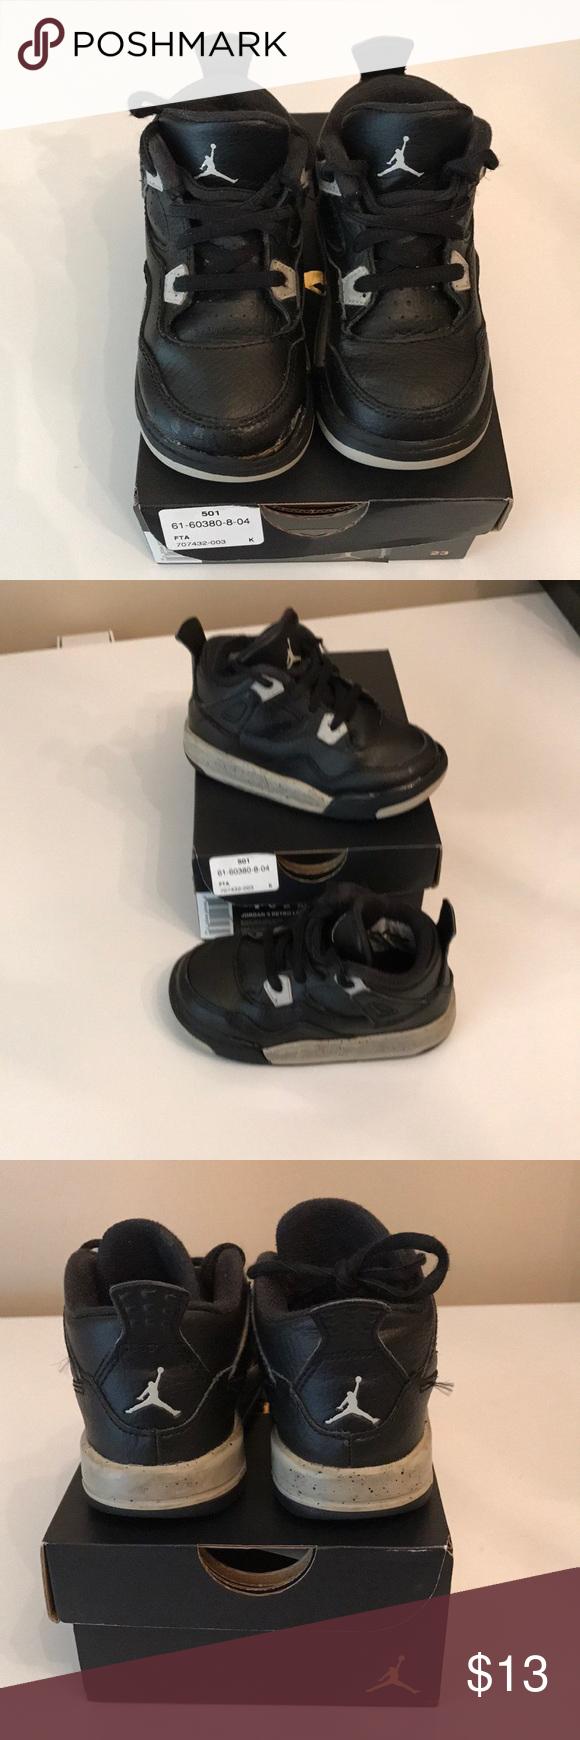 new arrival 71d99 f37b8 Air Jordan 4 Retro LS BT Size 7c Air Jordan 4 Retro LS Boy s Toddler Shoes